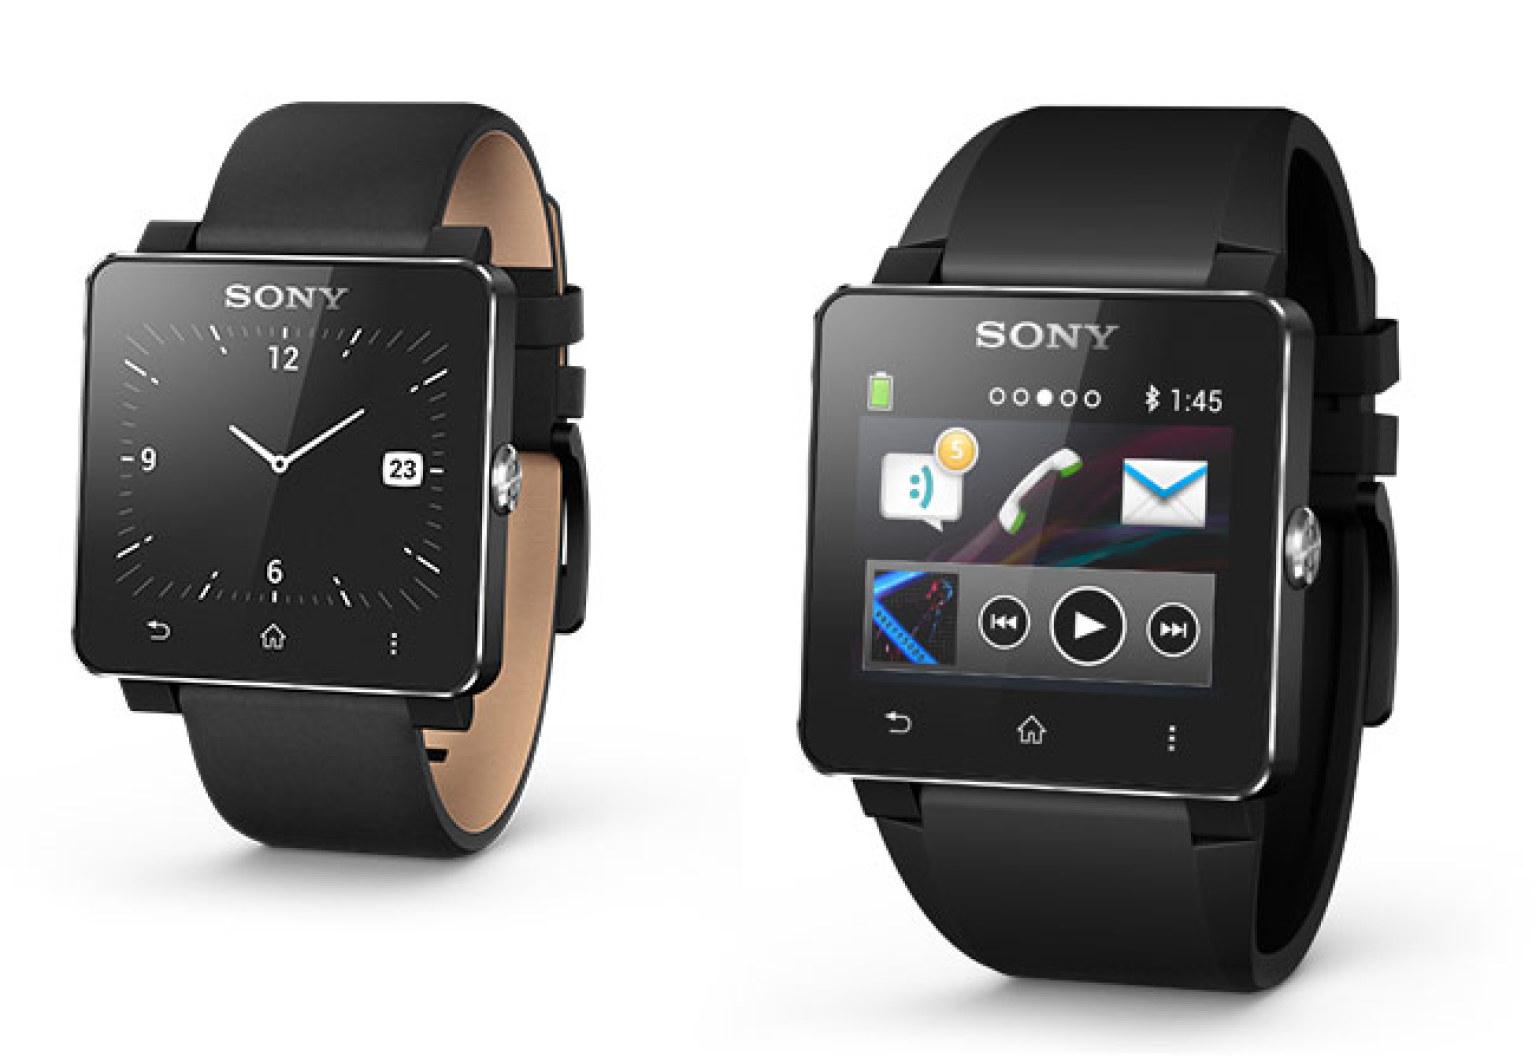 Sony SmartWatch 2: 1.6-Inch, Touch Screen, Waterproof